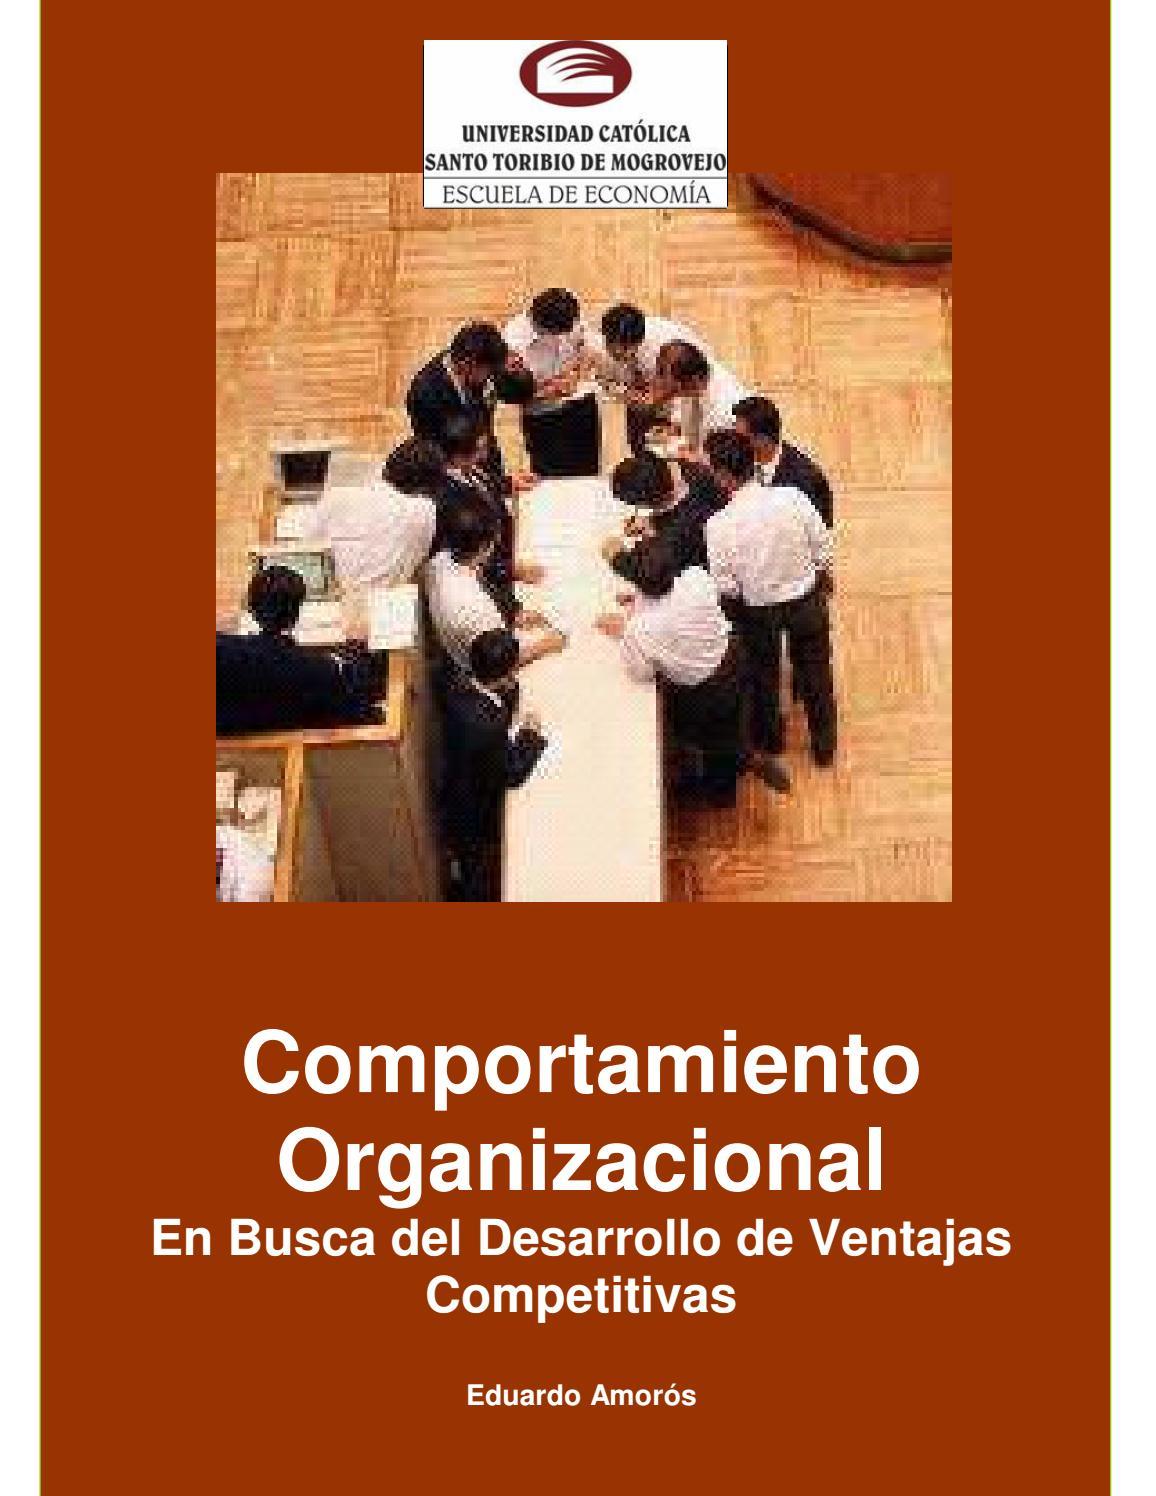 libro comportamiento organizacional martha alles pdf